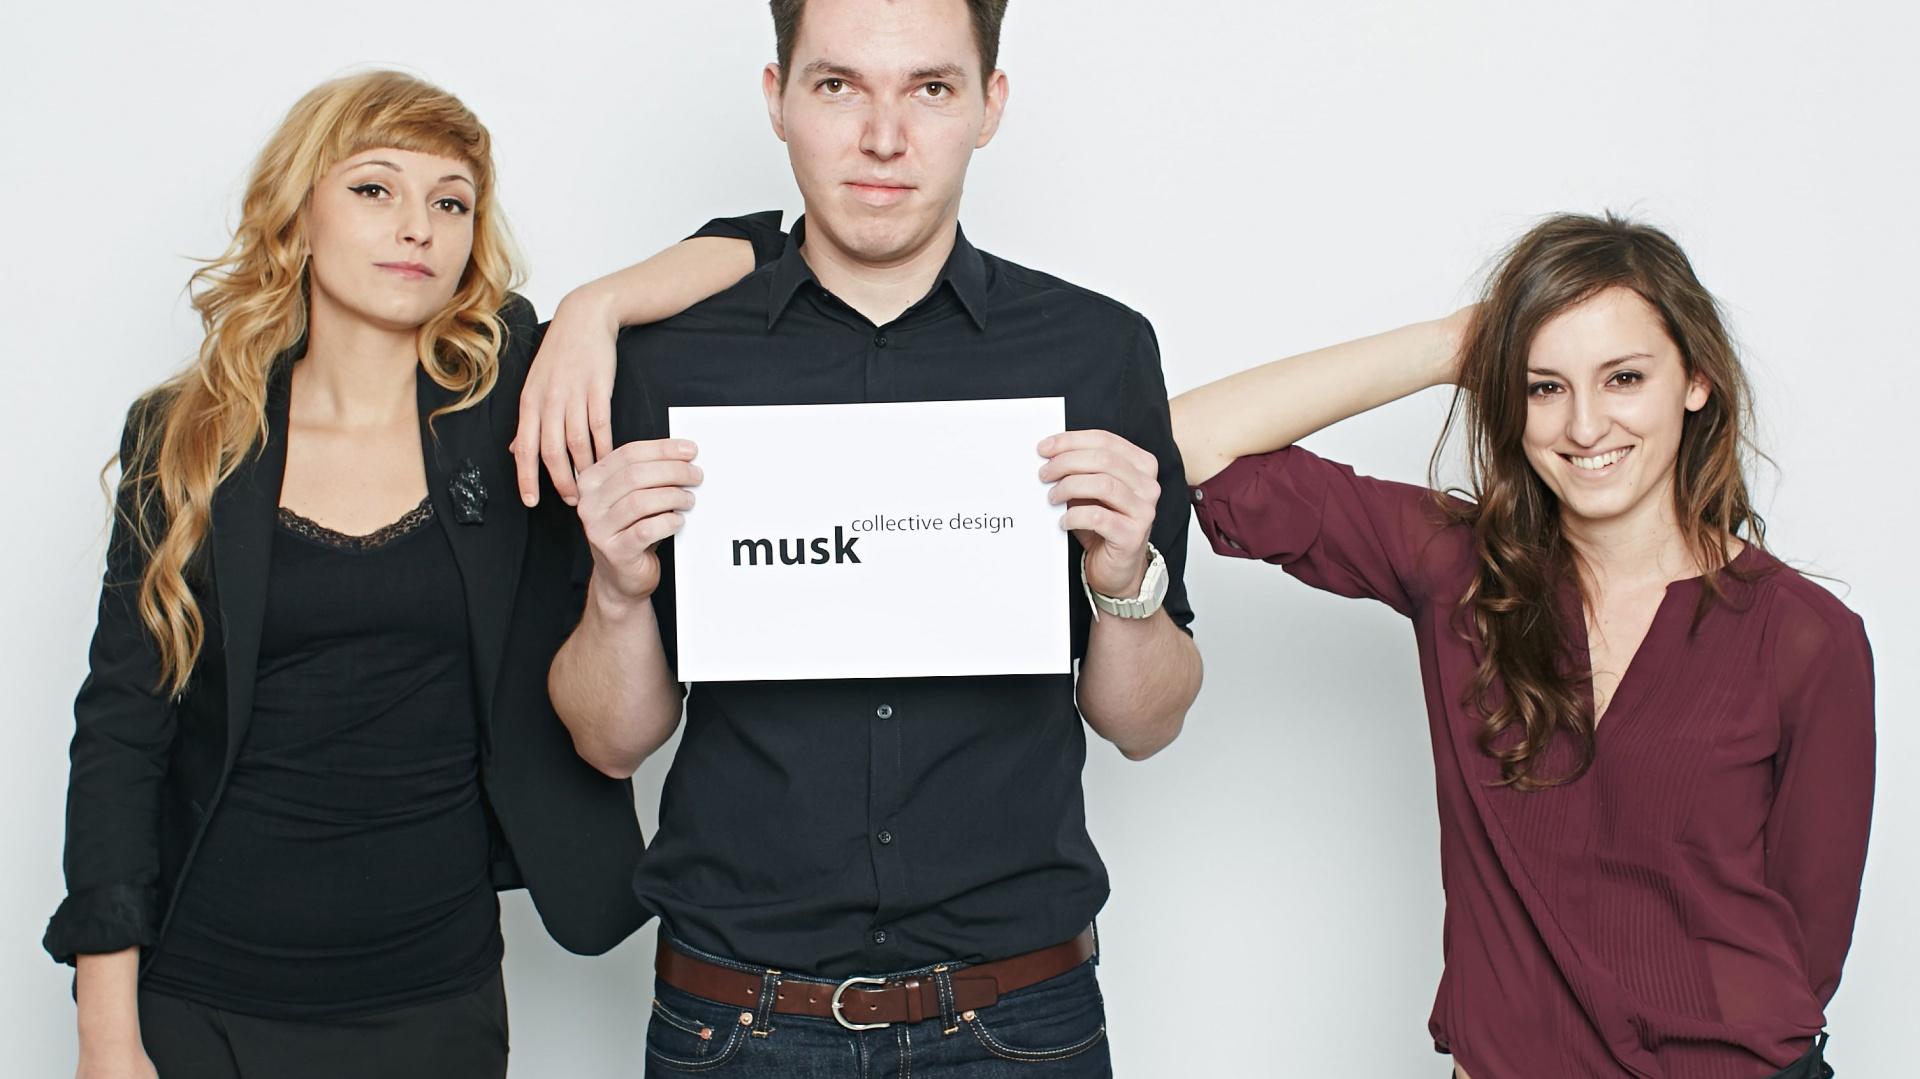 Musk collective design tworzą (od lewej): Katarzyna Sąsiadek, Józek Madej, Weronika Kiersztejn.